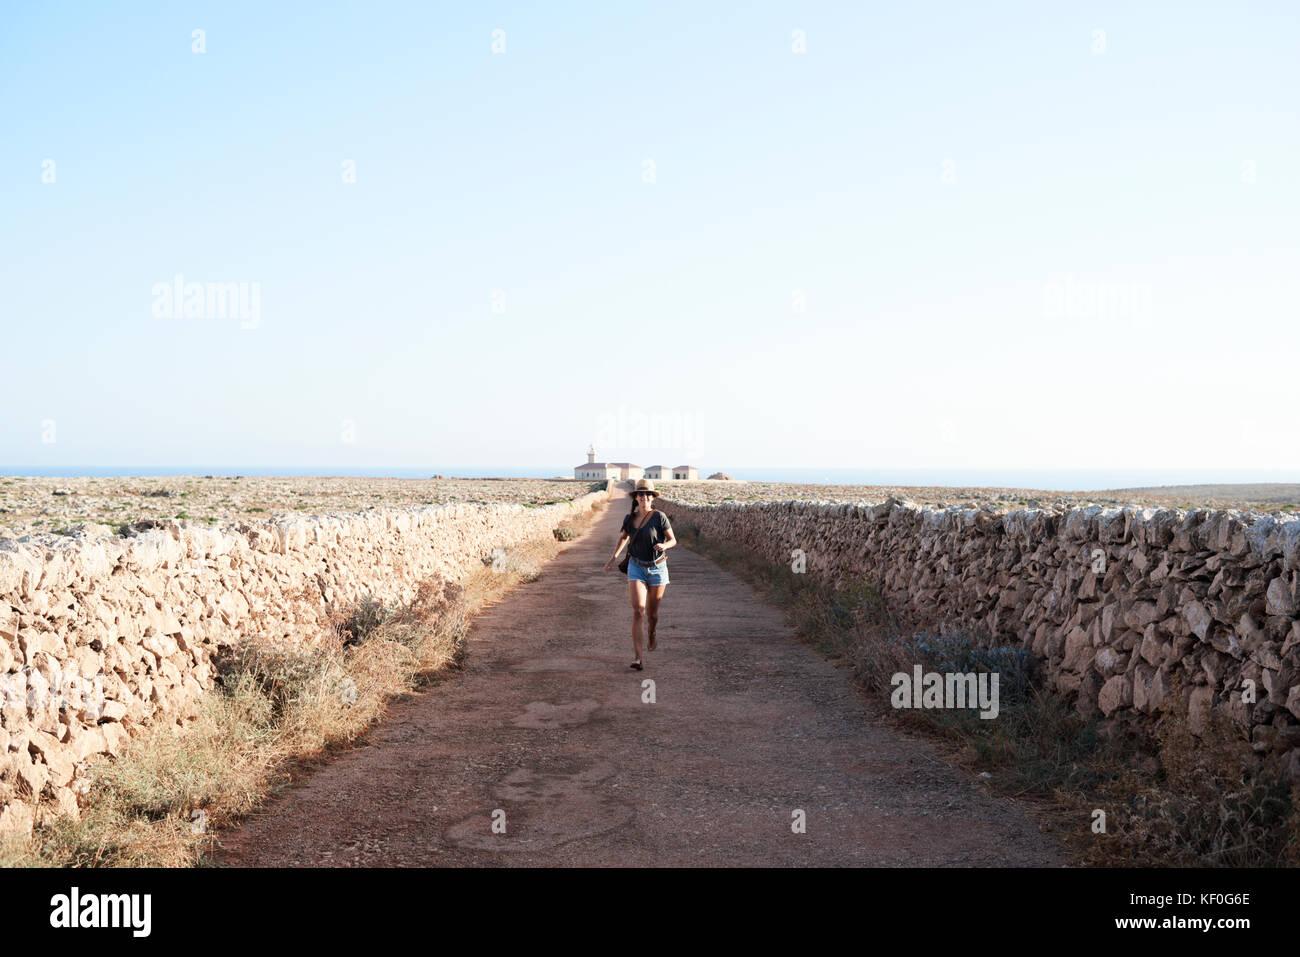 Menorca, Spagna, felice solo traveler in esecuzione in una strada vuota per un faro in Minorca, solo traveler Immagini Stock